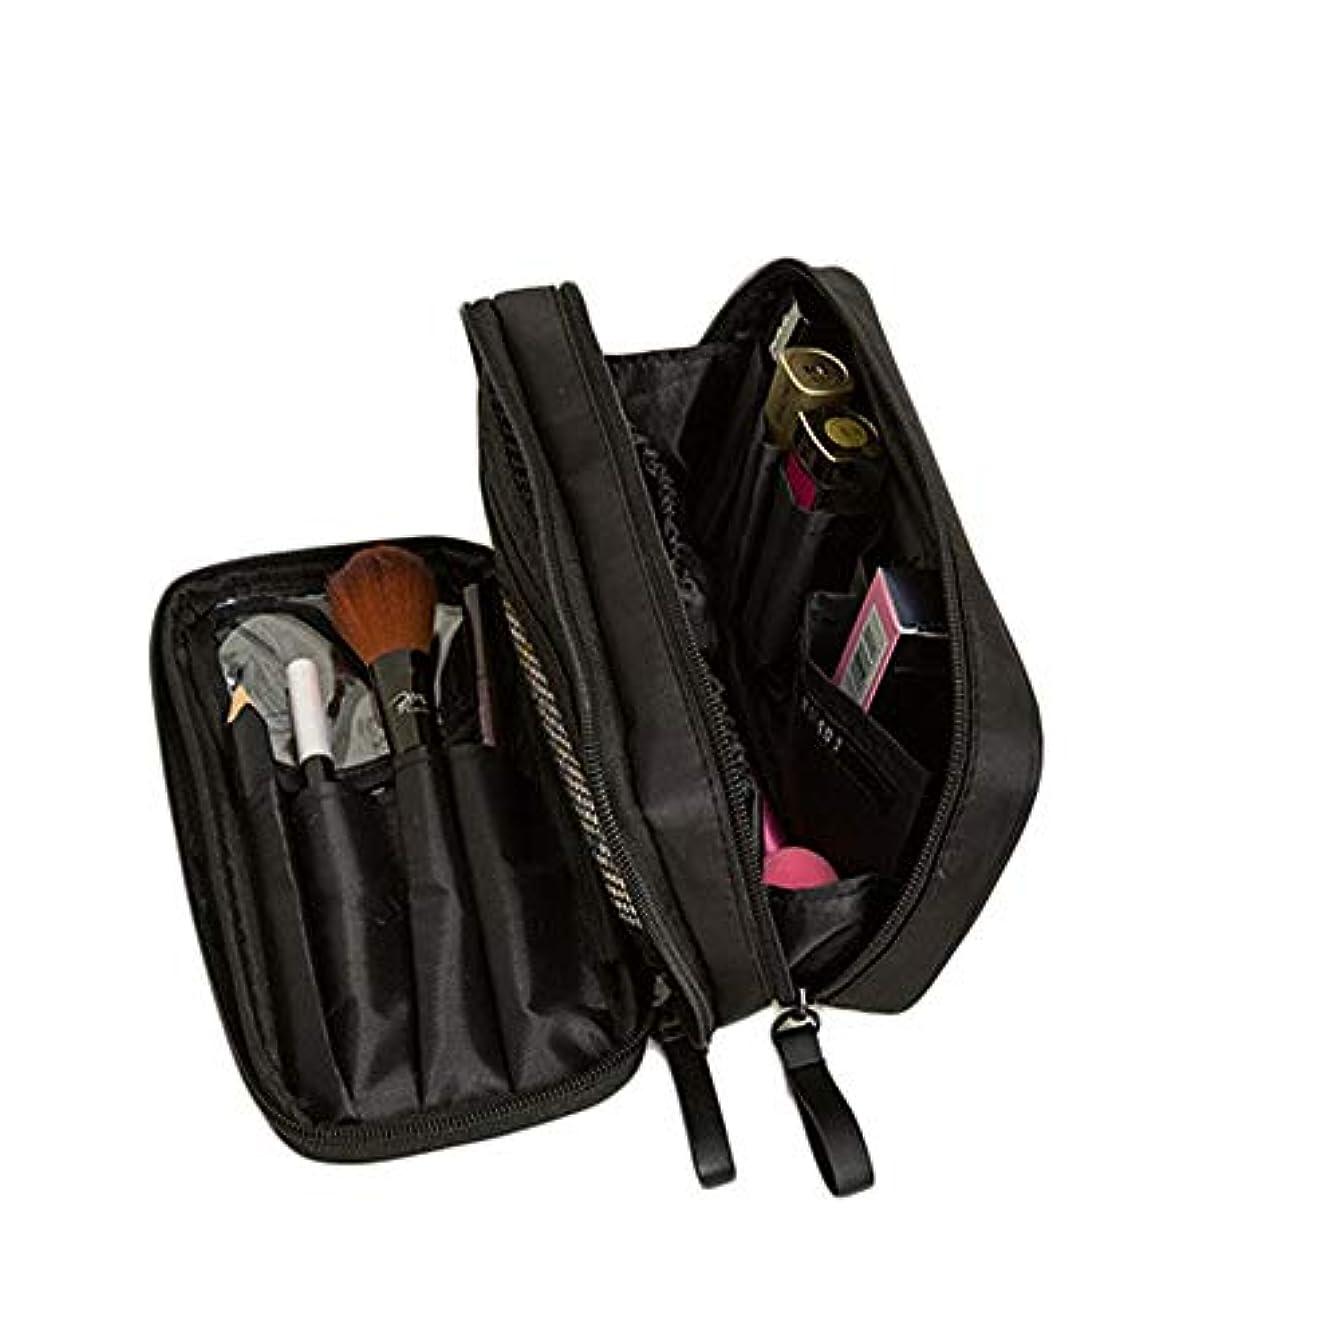 犯人生き物マングル特大スペース収納ビューティーボックス 携帯用化粧品袋、専門の化粧品袋の札入れの旅行者の密集した二重層化粧品/化粧品のブラシ袋の女性、旅行/電車セットの貯蔵袋。 化粧品化粧台 (色 : ブラック)